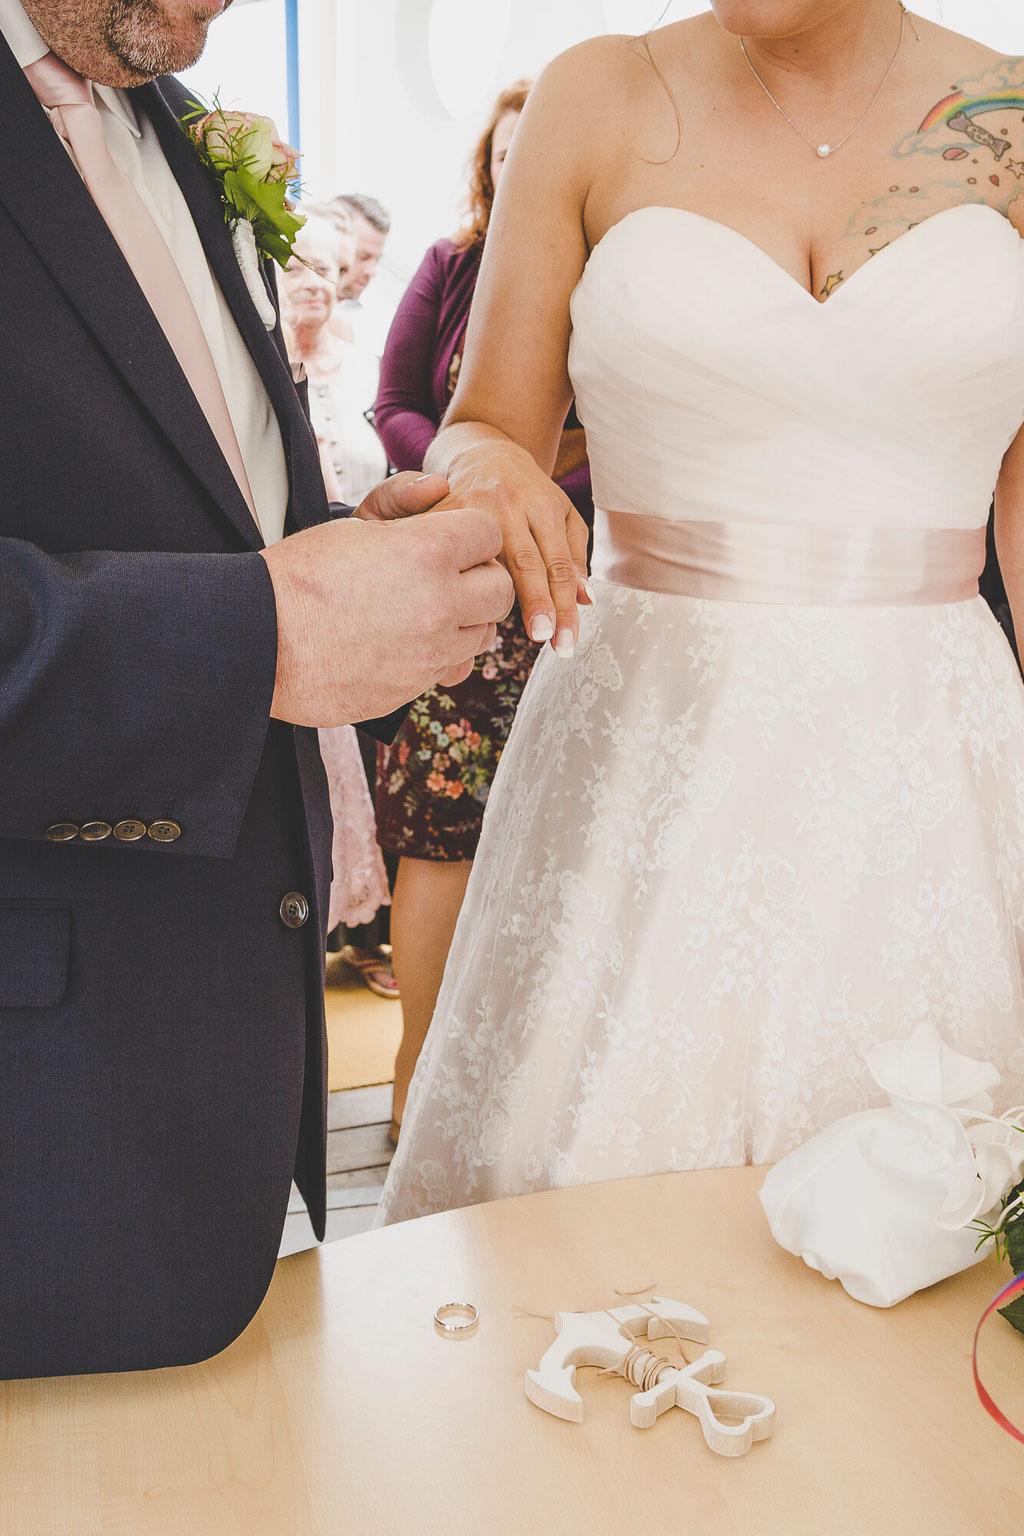 Ringübergabe bei der Trauung